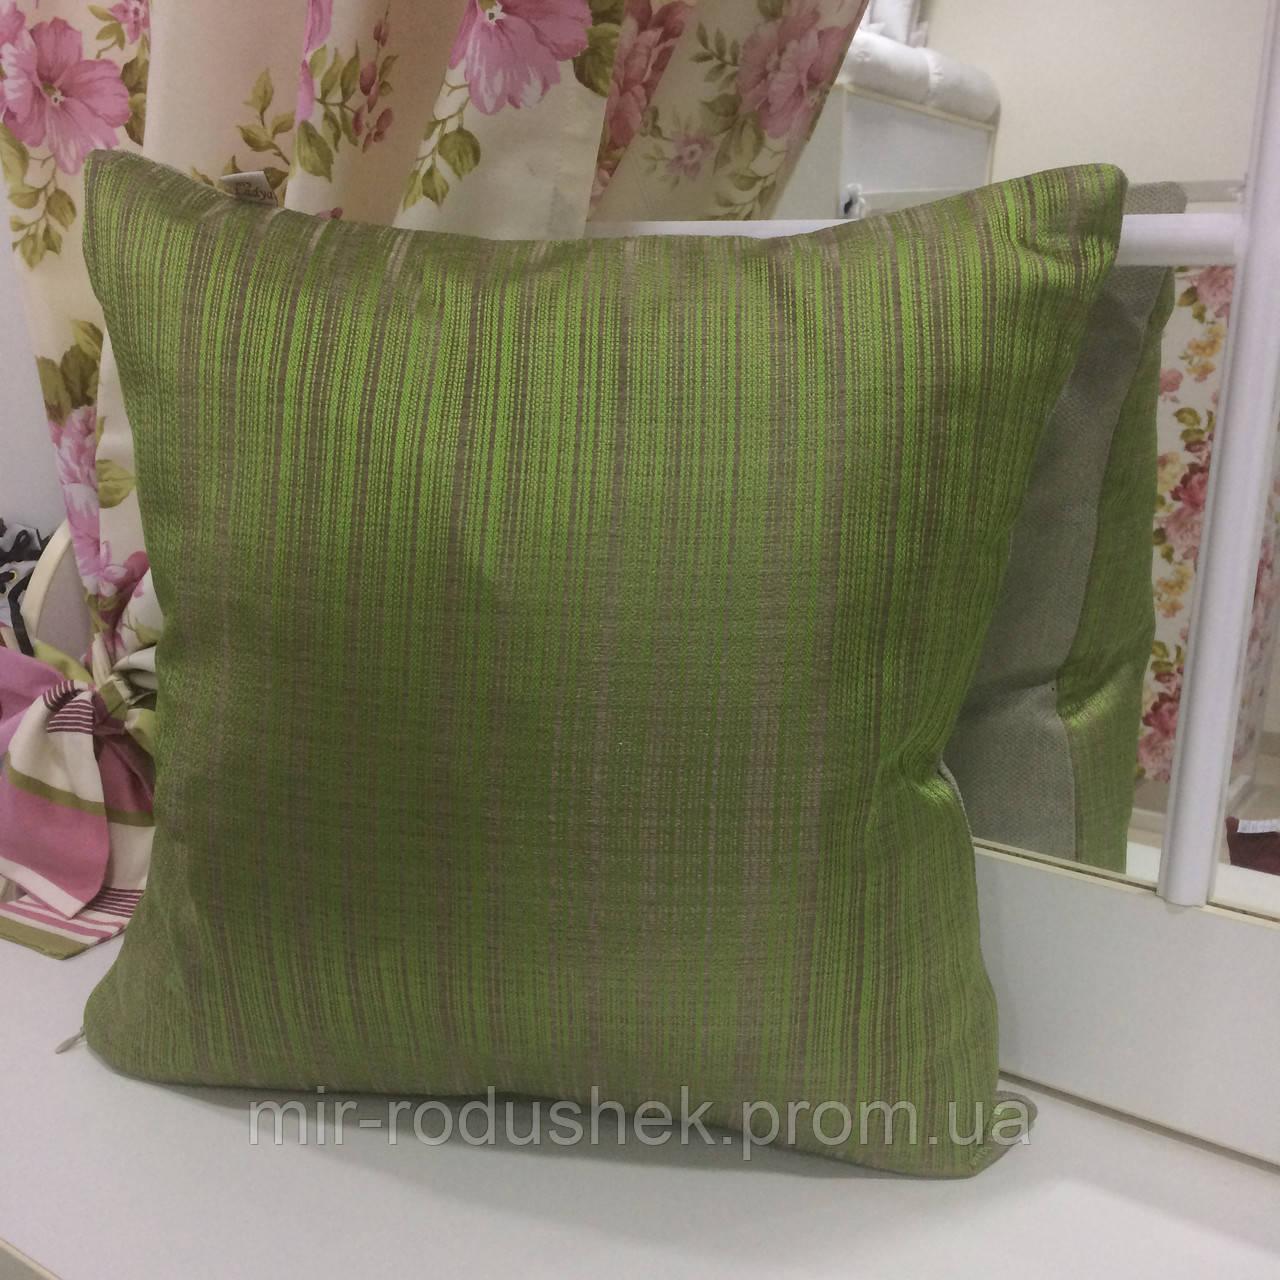 """Декоративная подушка """"Миле"""" комбинированная 45х45 мелкая полоса, наволочка на молнии, наполнитель холлофайбер"""